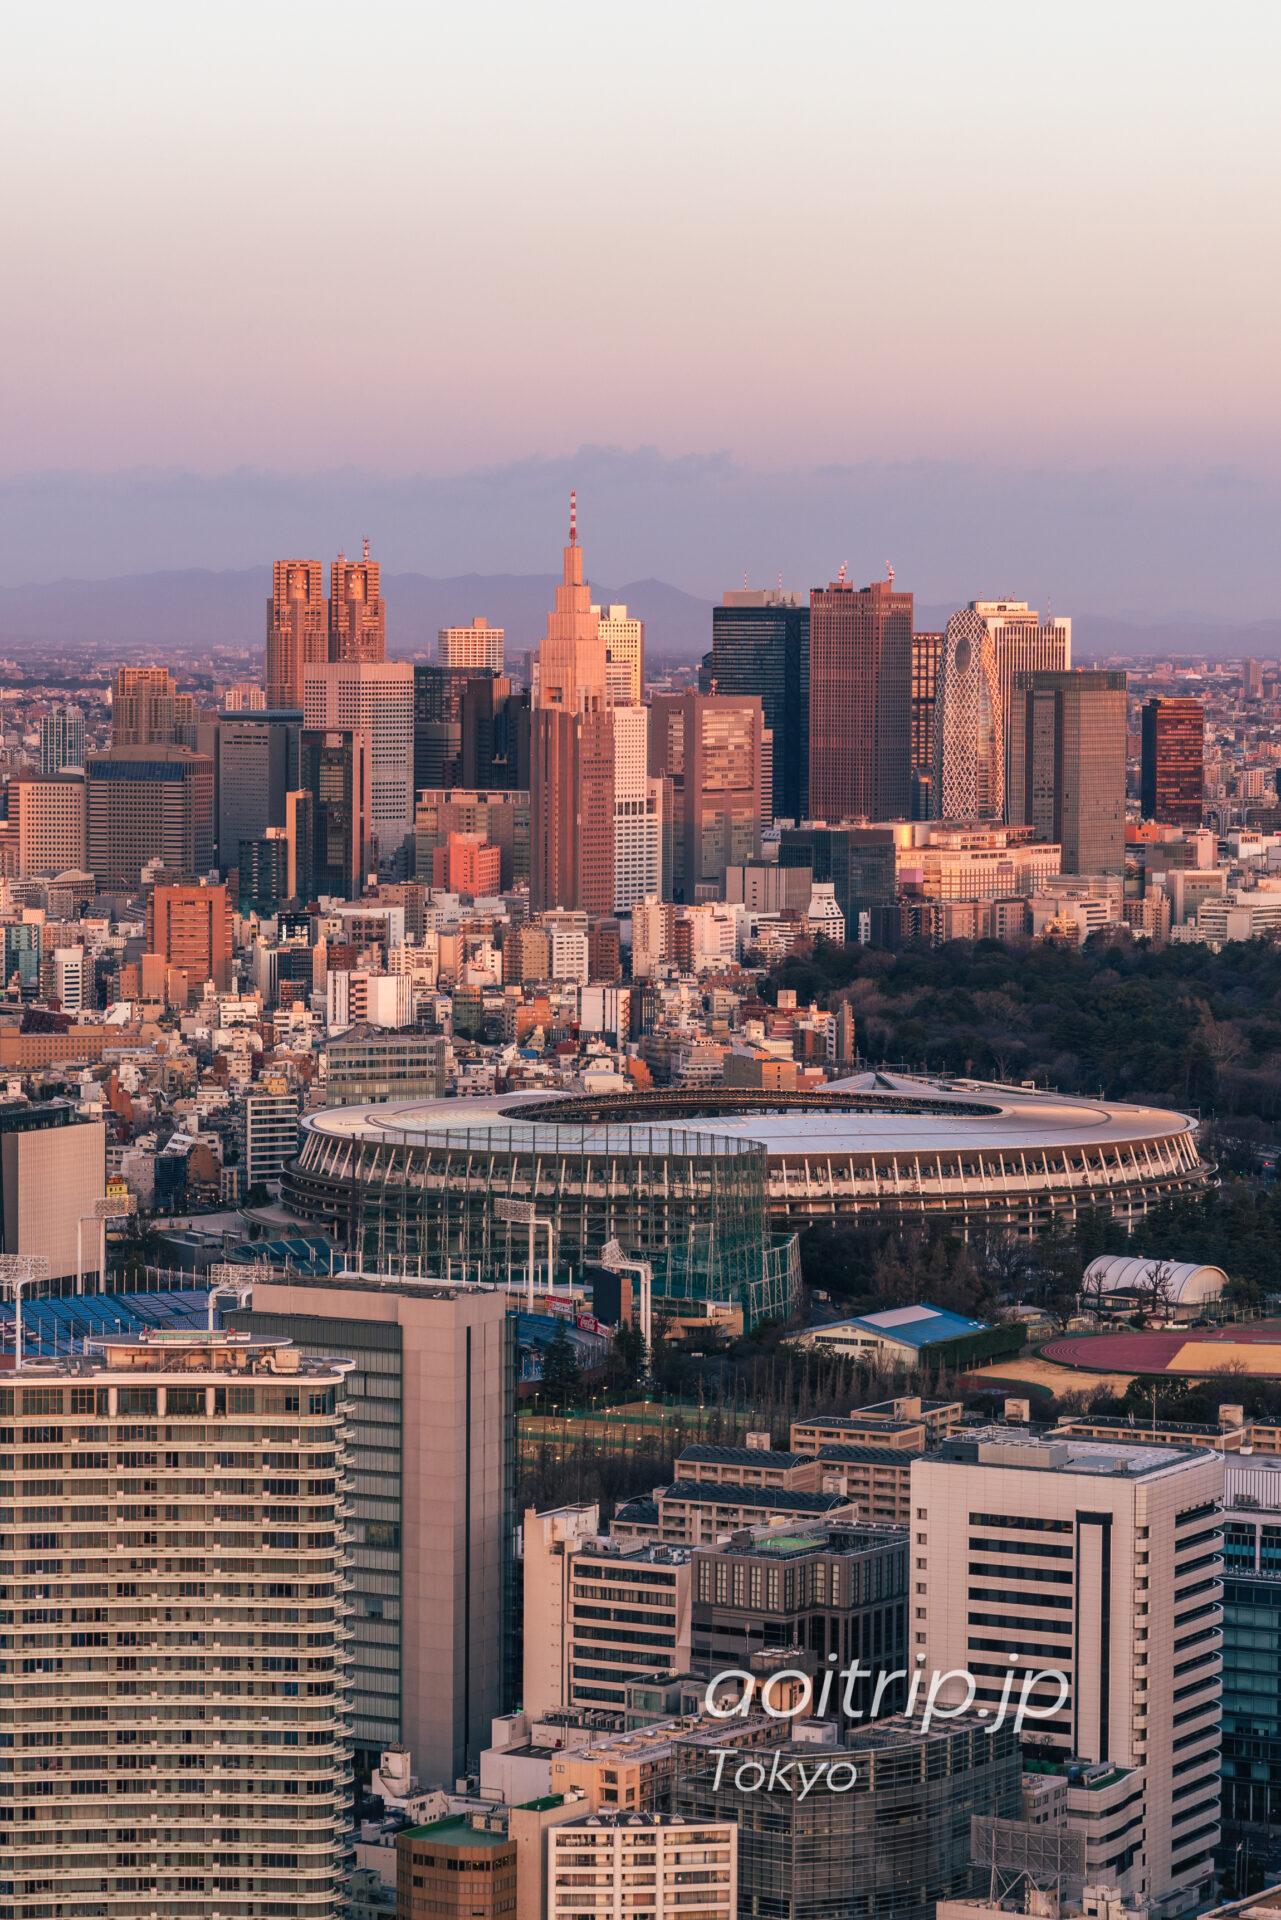 ザリッツカールトン東京から望む新宿副都心と新国立競技場